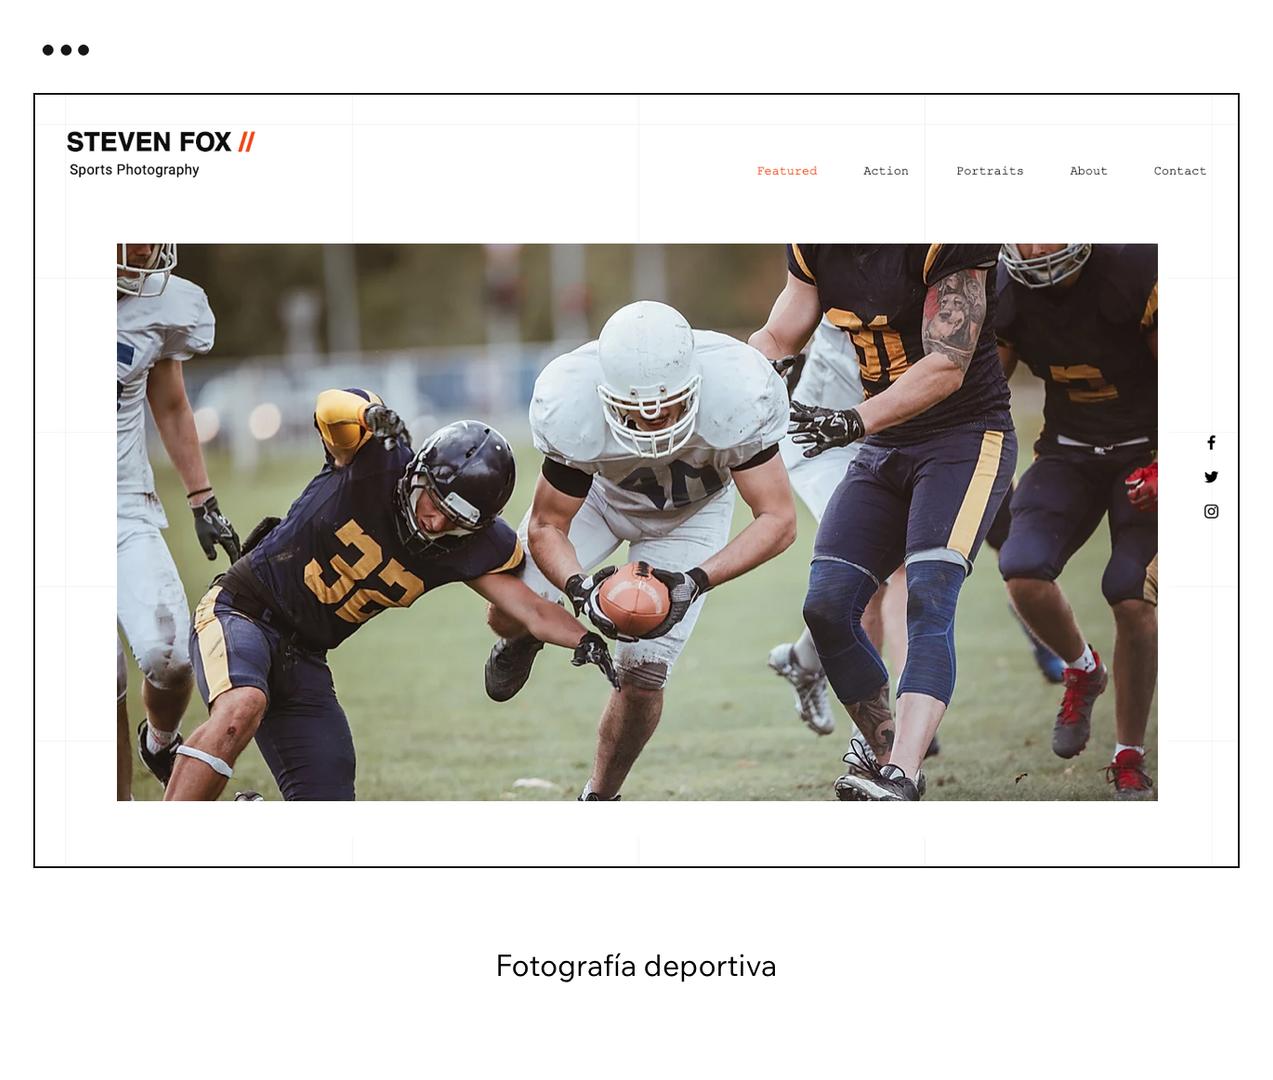 Fotografía deportiva